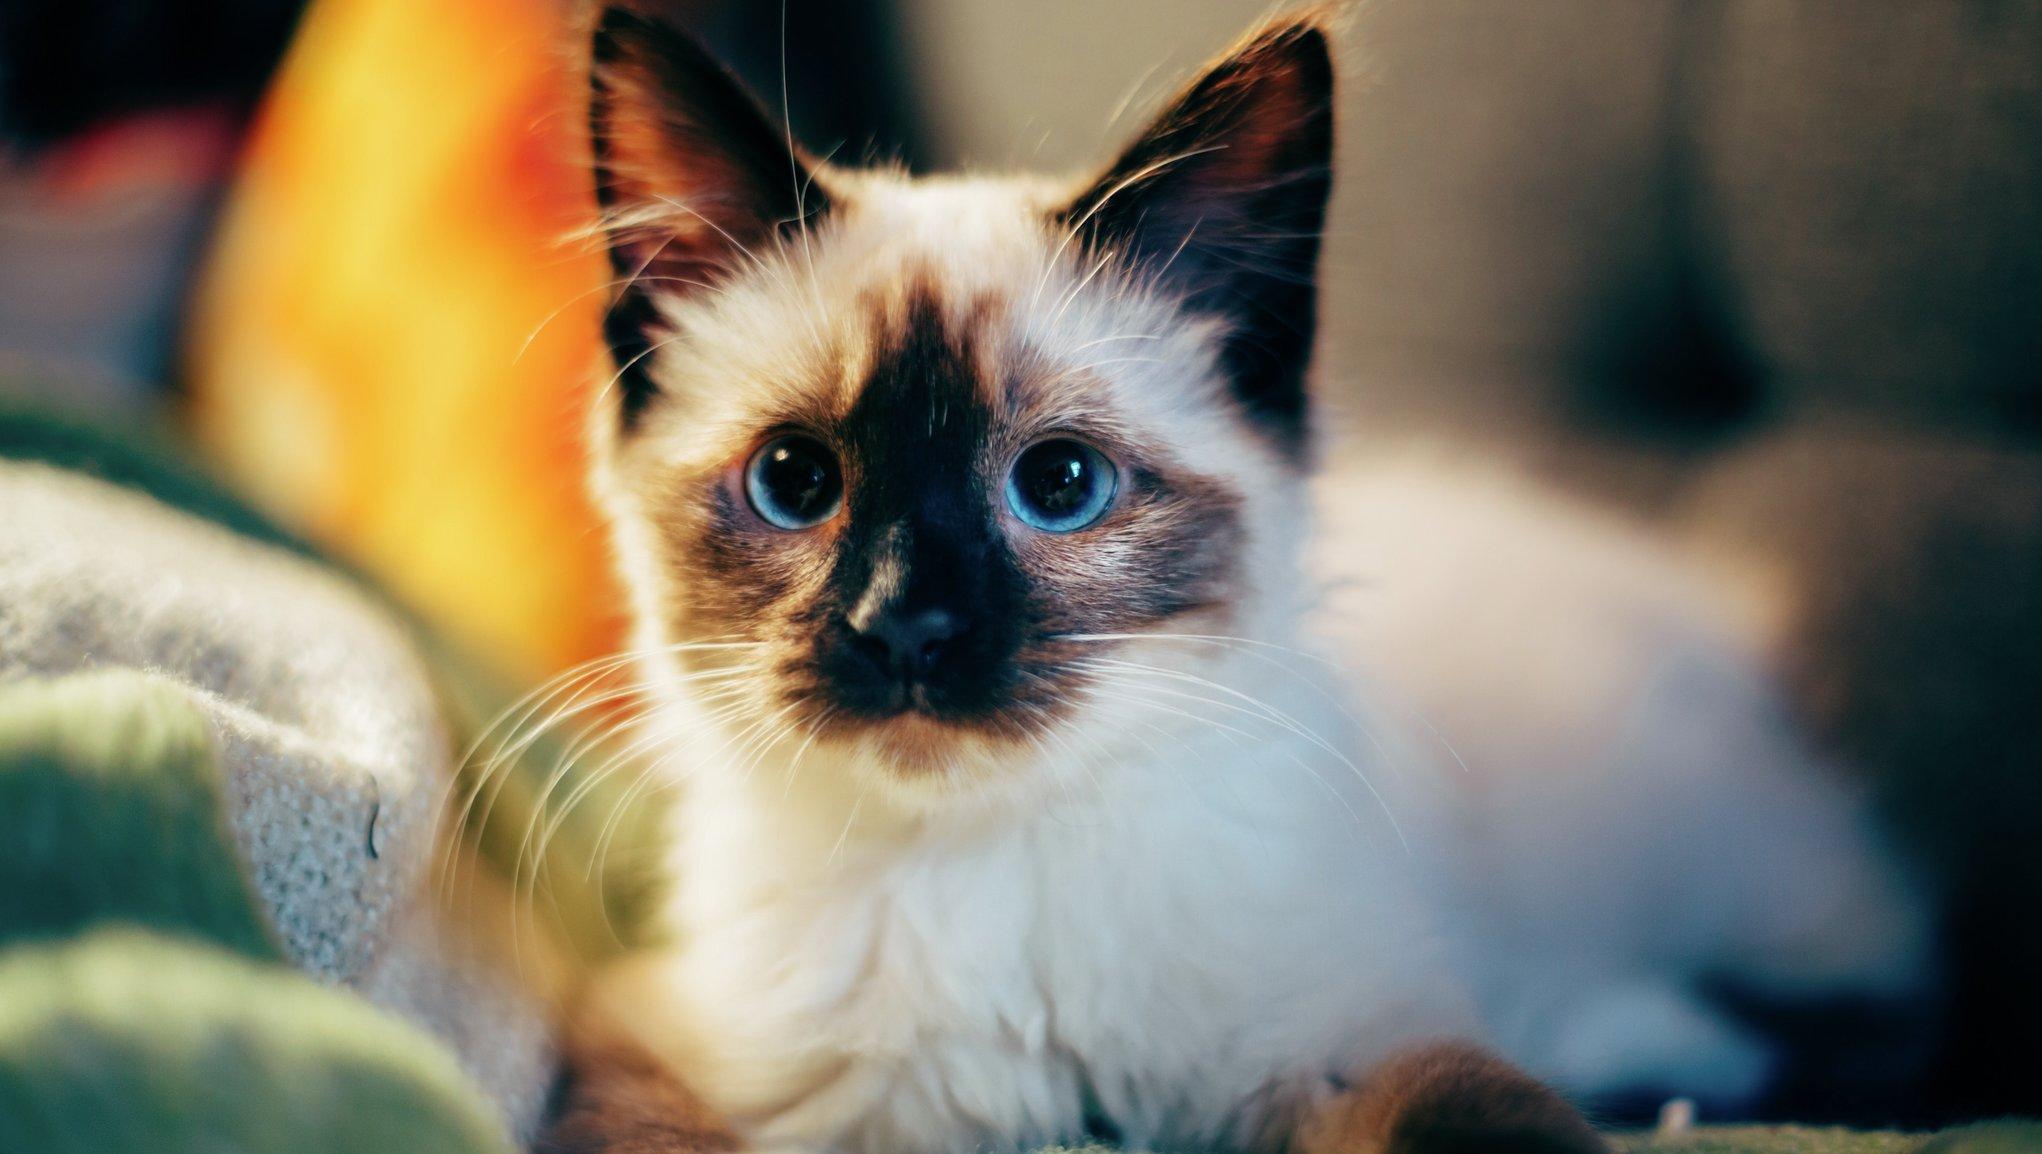 Vit katt